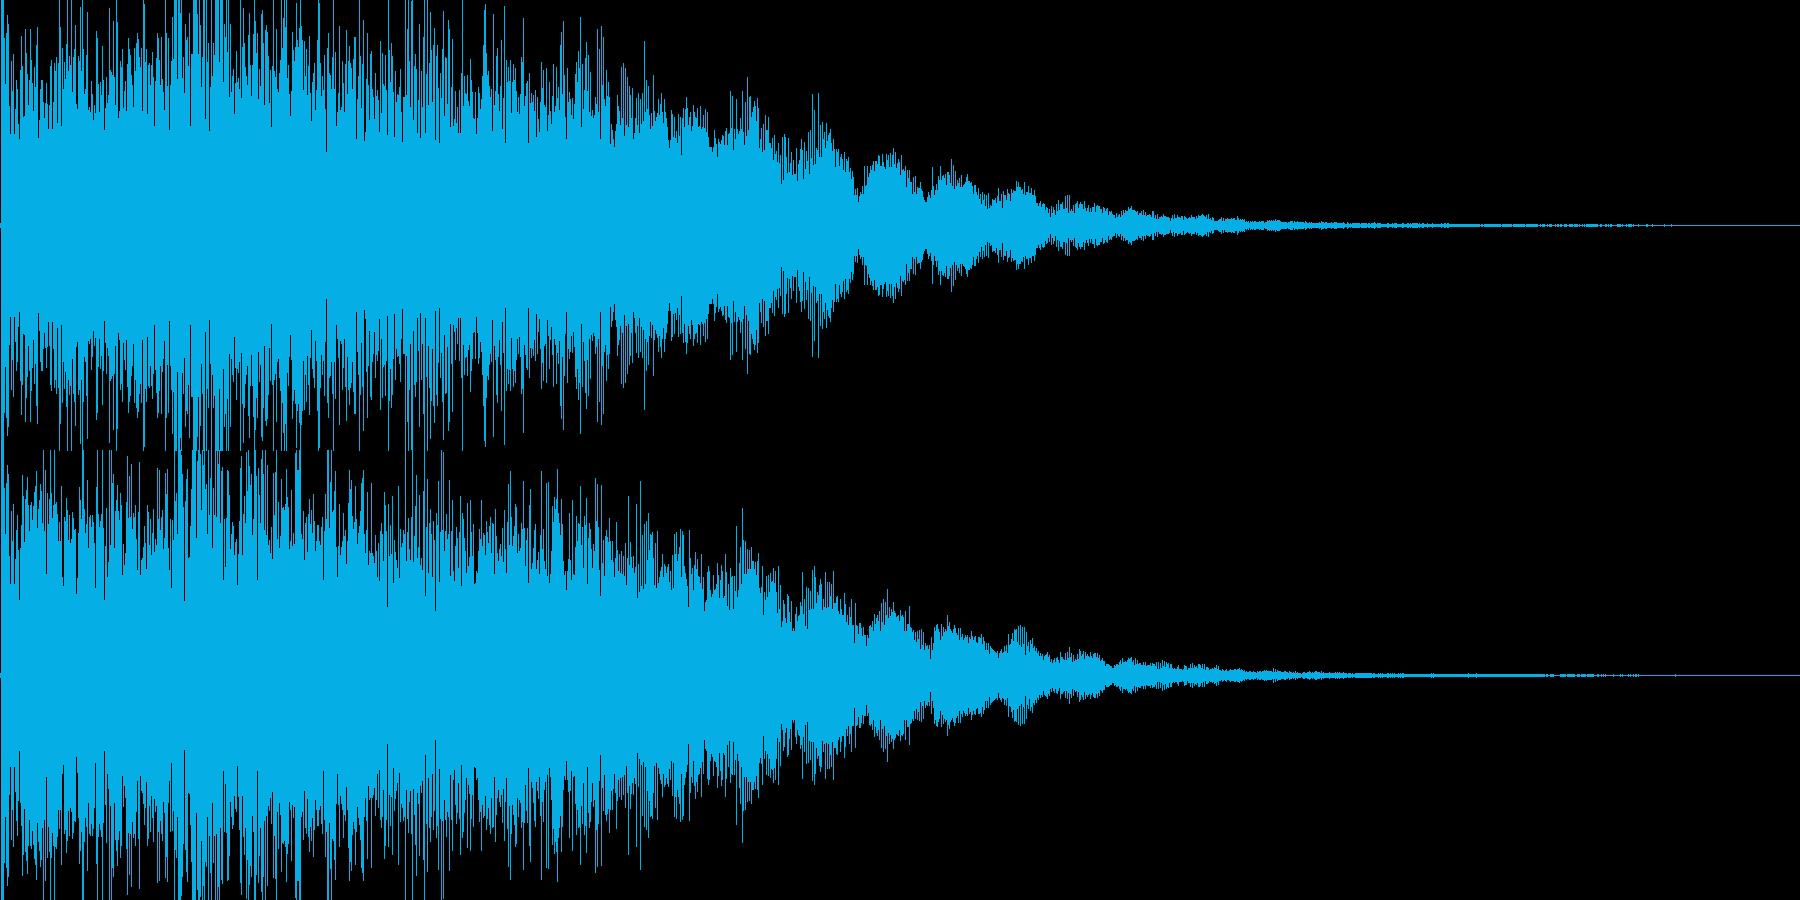 キララーン ゲーム用SE育成レベルアップの再生済みの波形